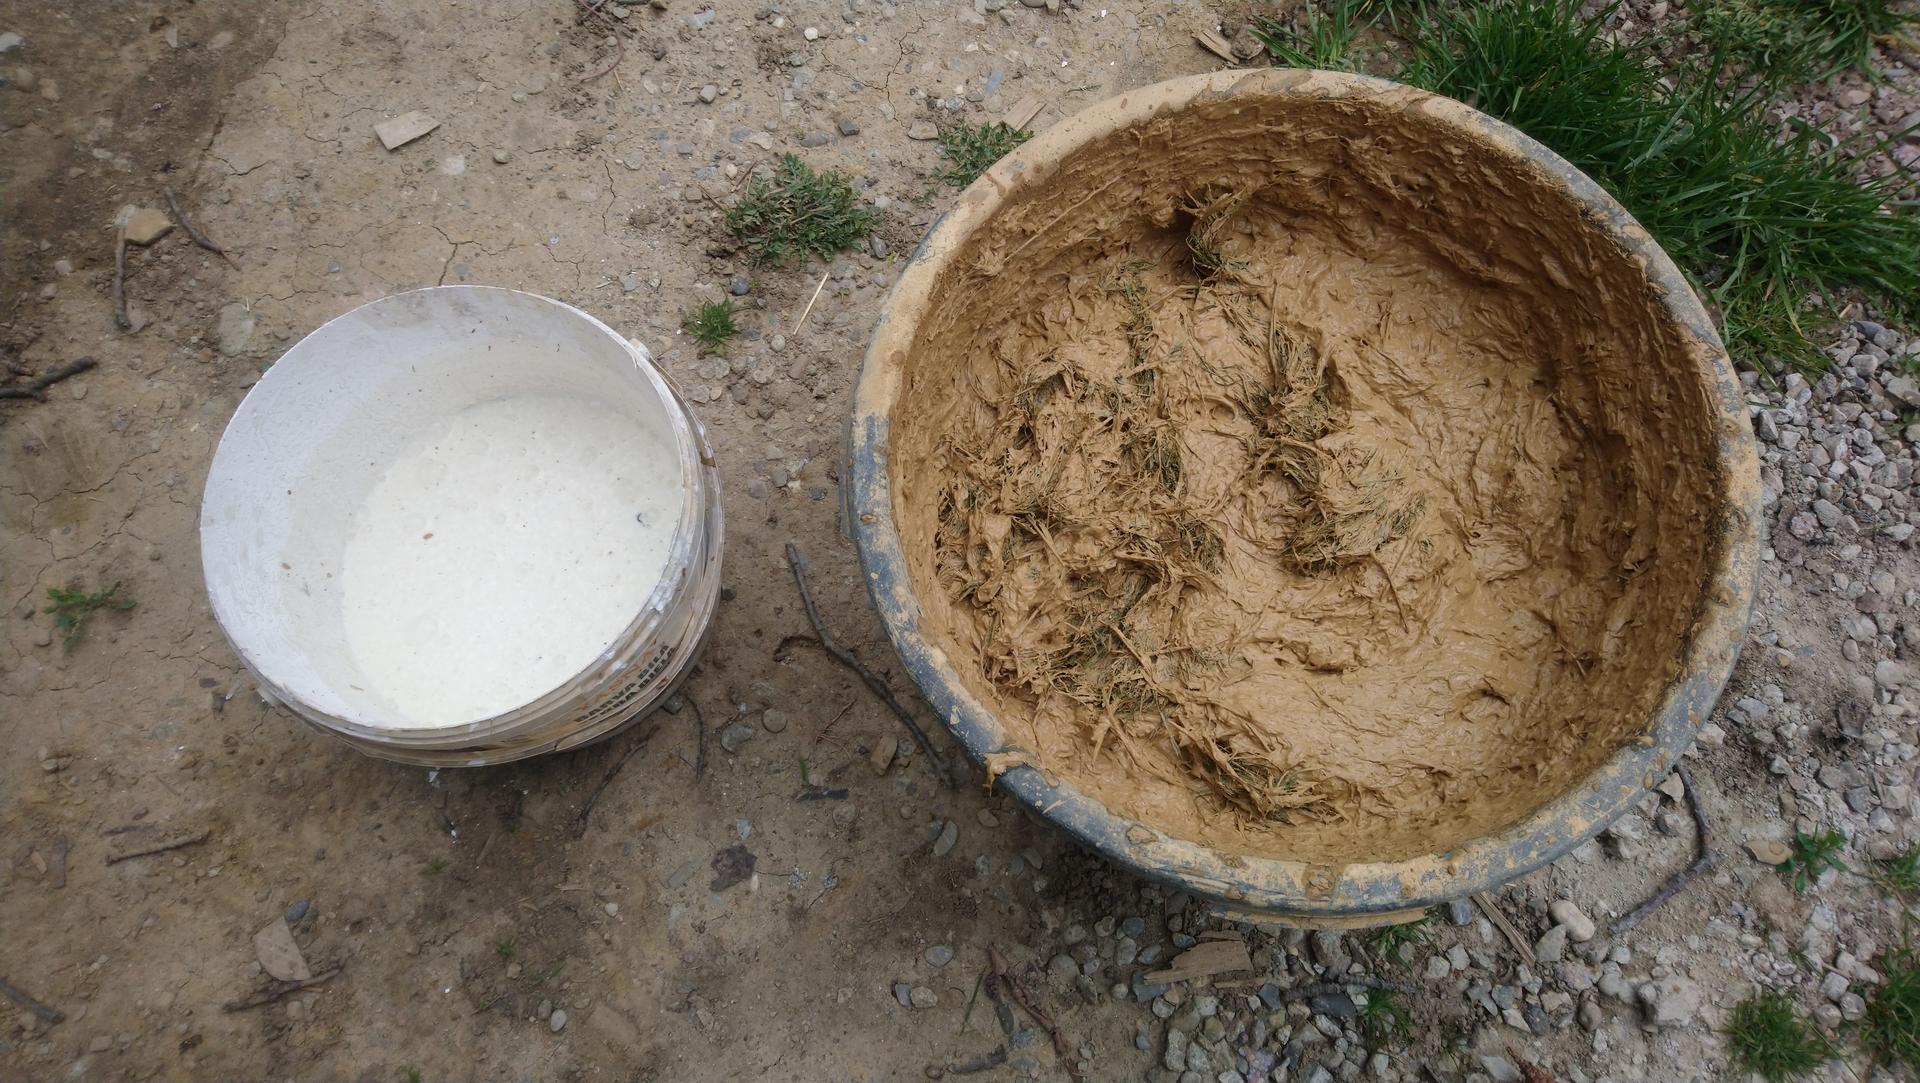 Hlinené omietky - Do vonkajších omietok sa pridáva kravské lajno, my sme fajnové takže sme radšej použili fermentovanú trávu a DIY kaseinové lepidlo vyrobené z tvarohu a vápna.